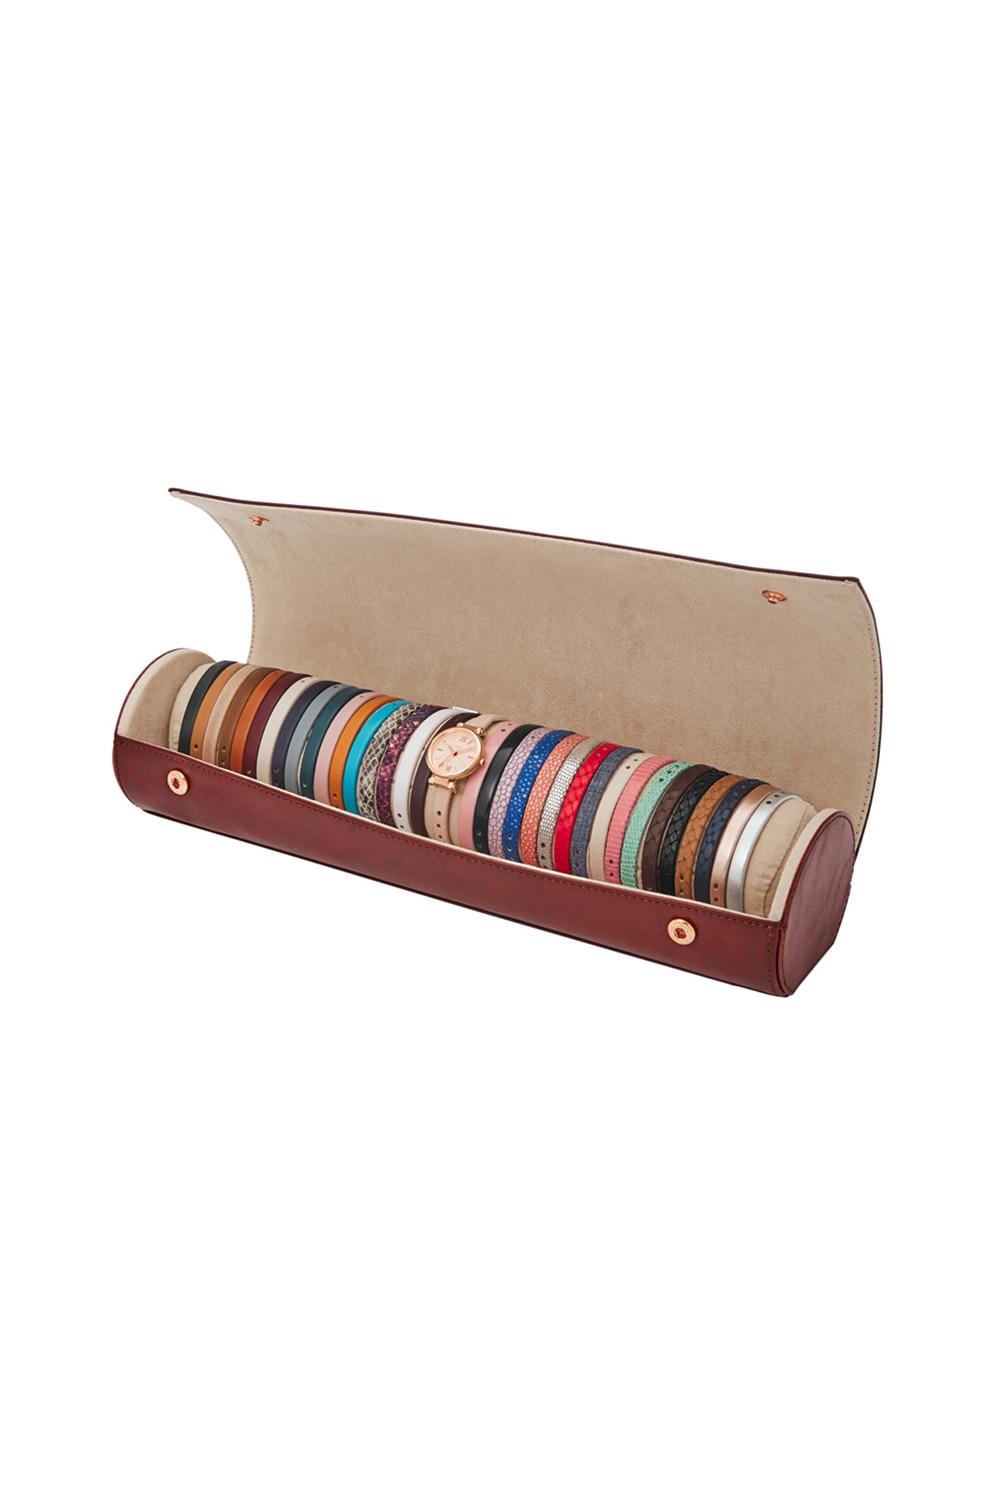 Fotografie Fossil, Set cadou de ceas cu trei indici si curea intersanjabila, Multicolor